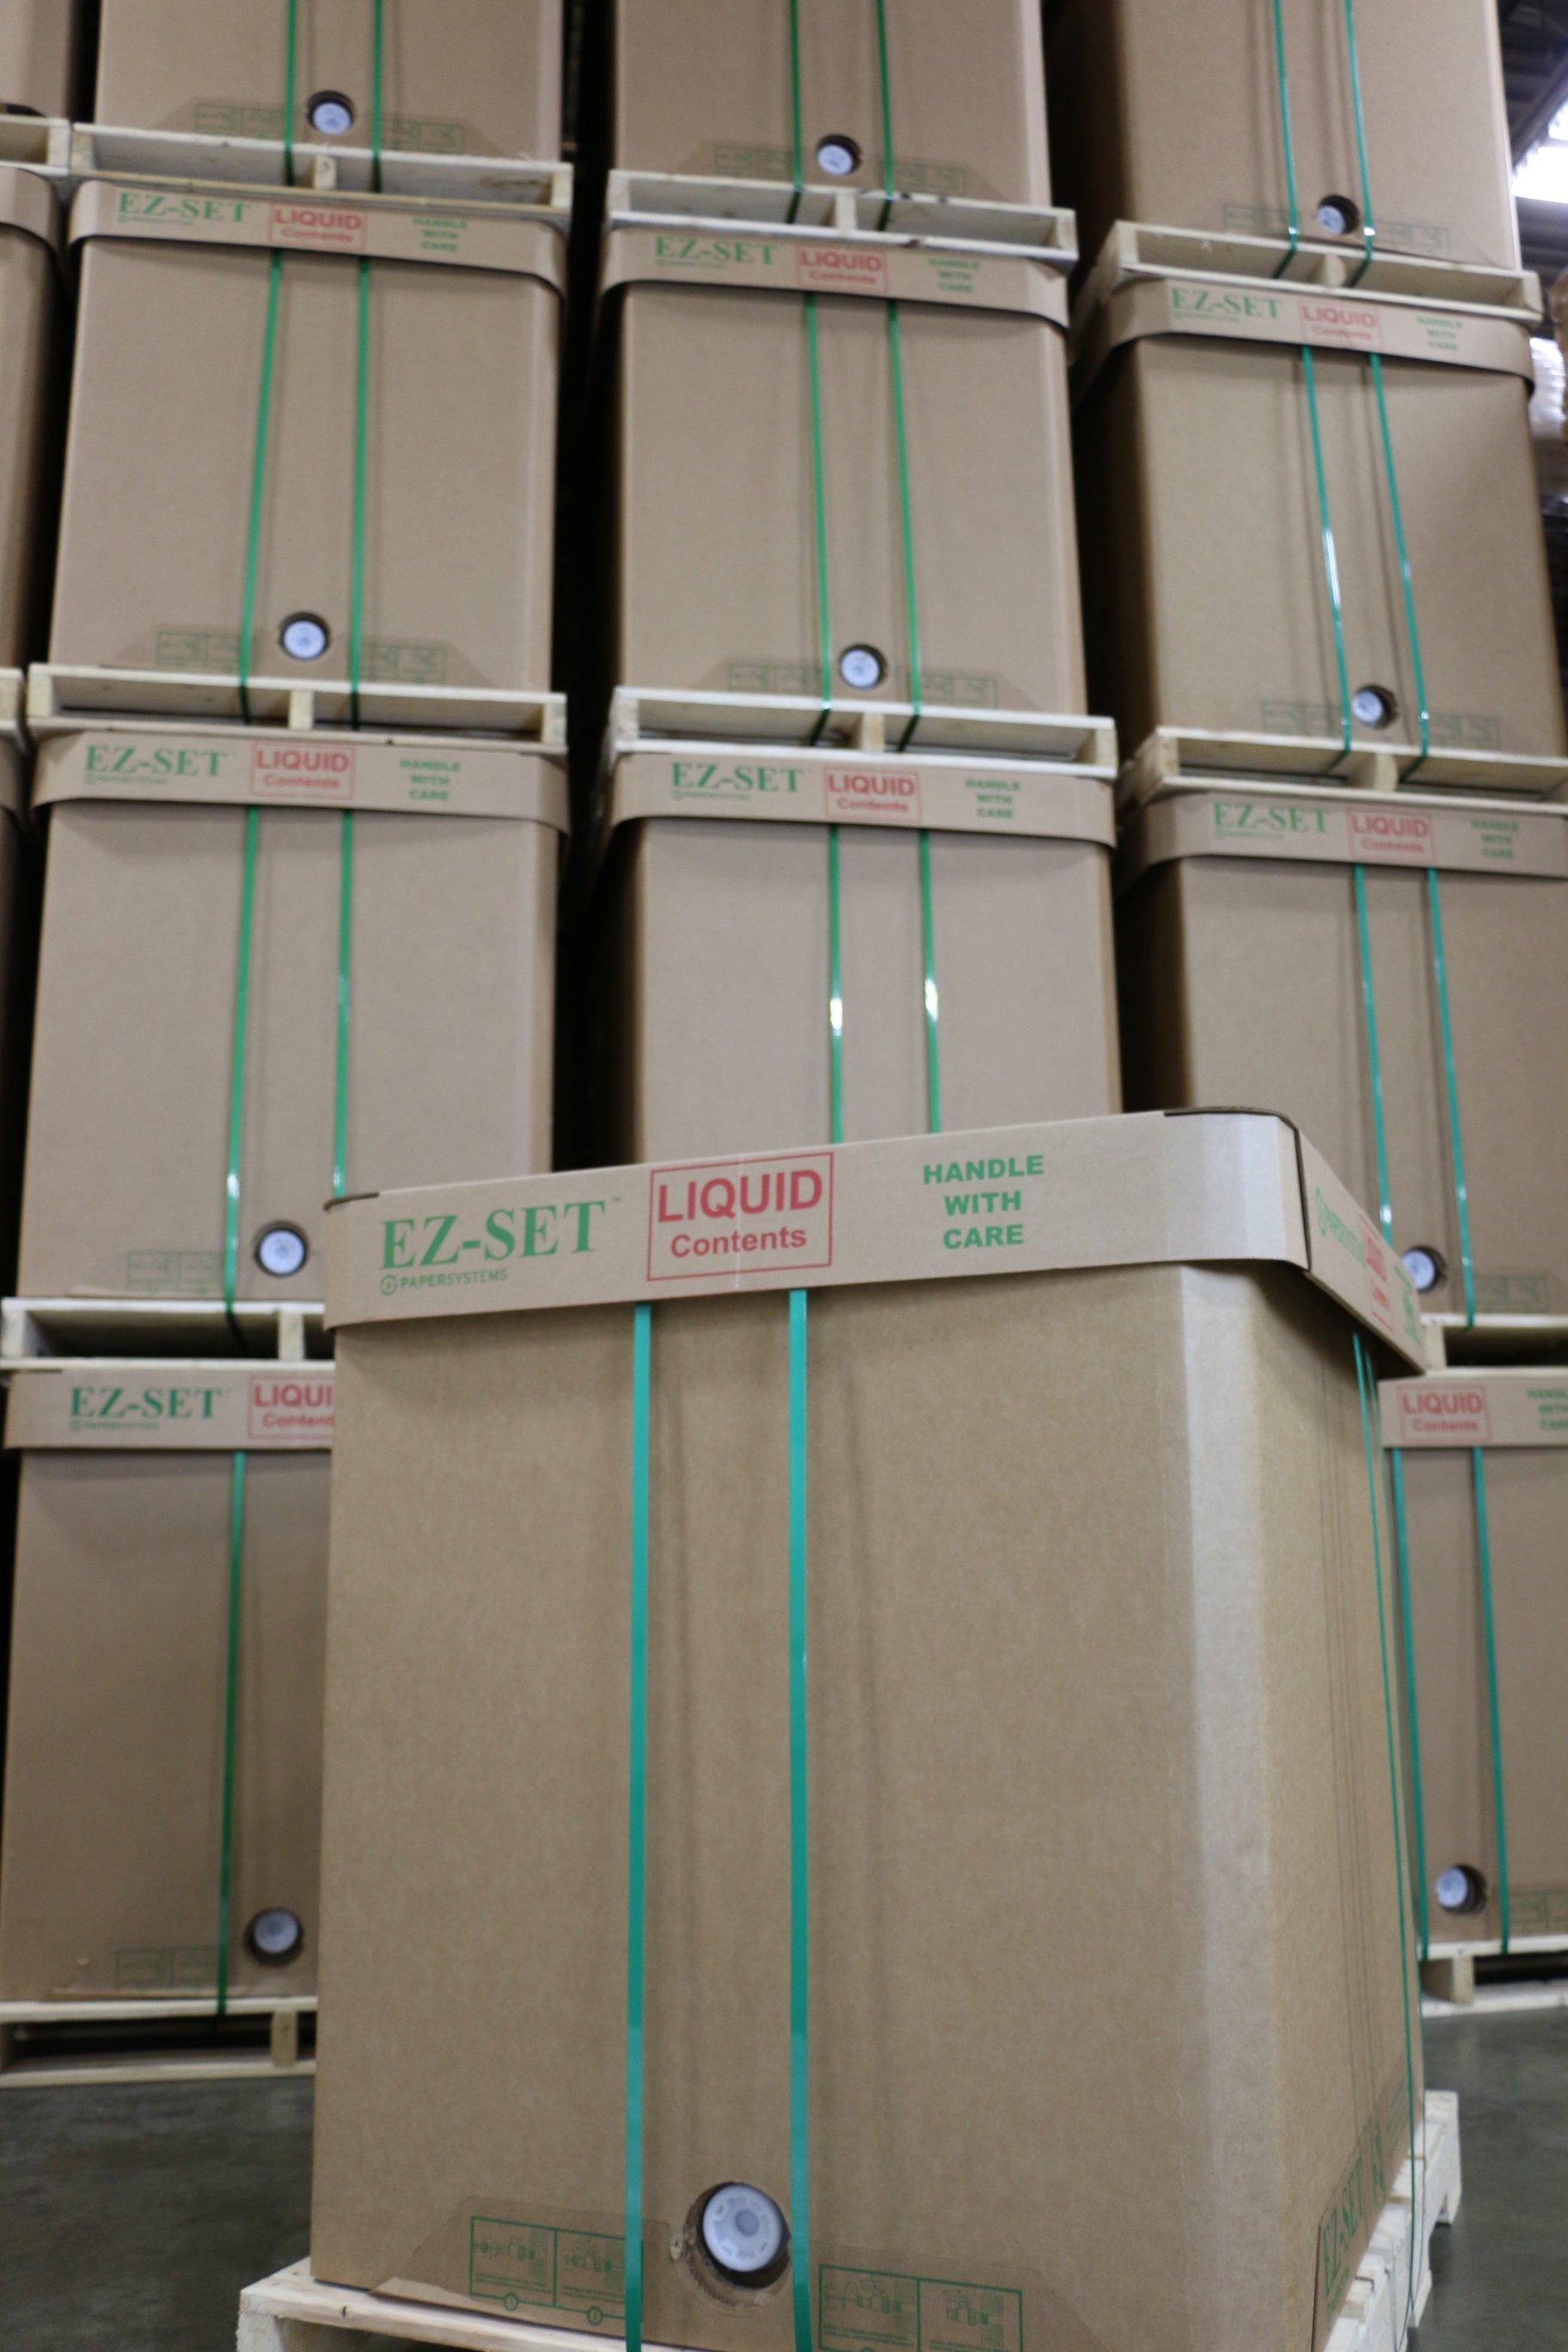 packaging design creates reliable liquid bulk totes